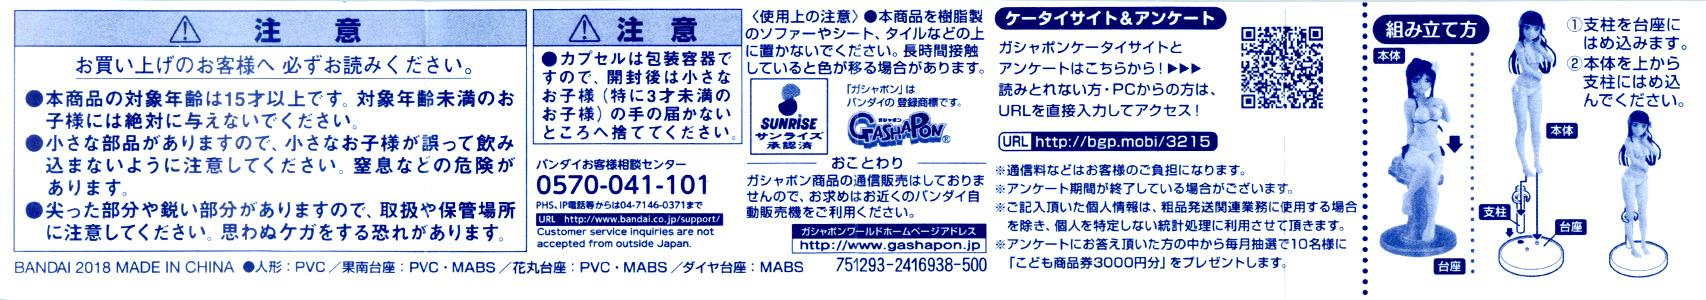 Gasha Portraits ラブライブ!サンシャイン!!05 [バンダイ]